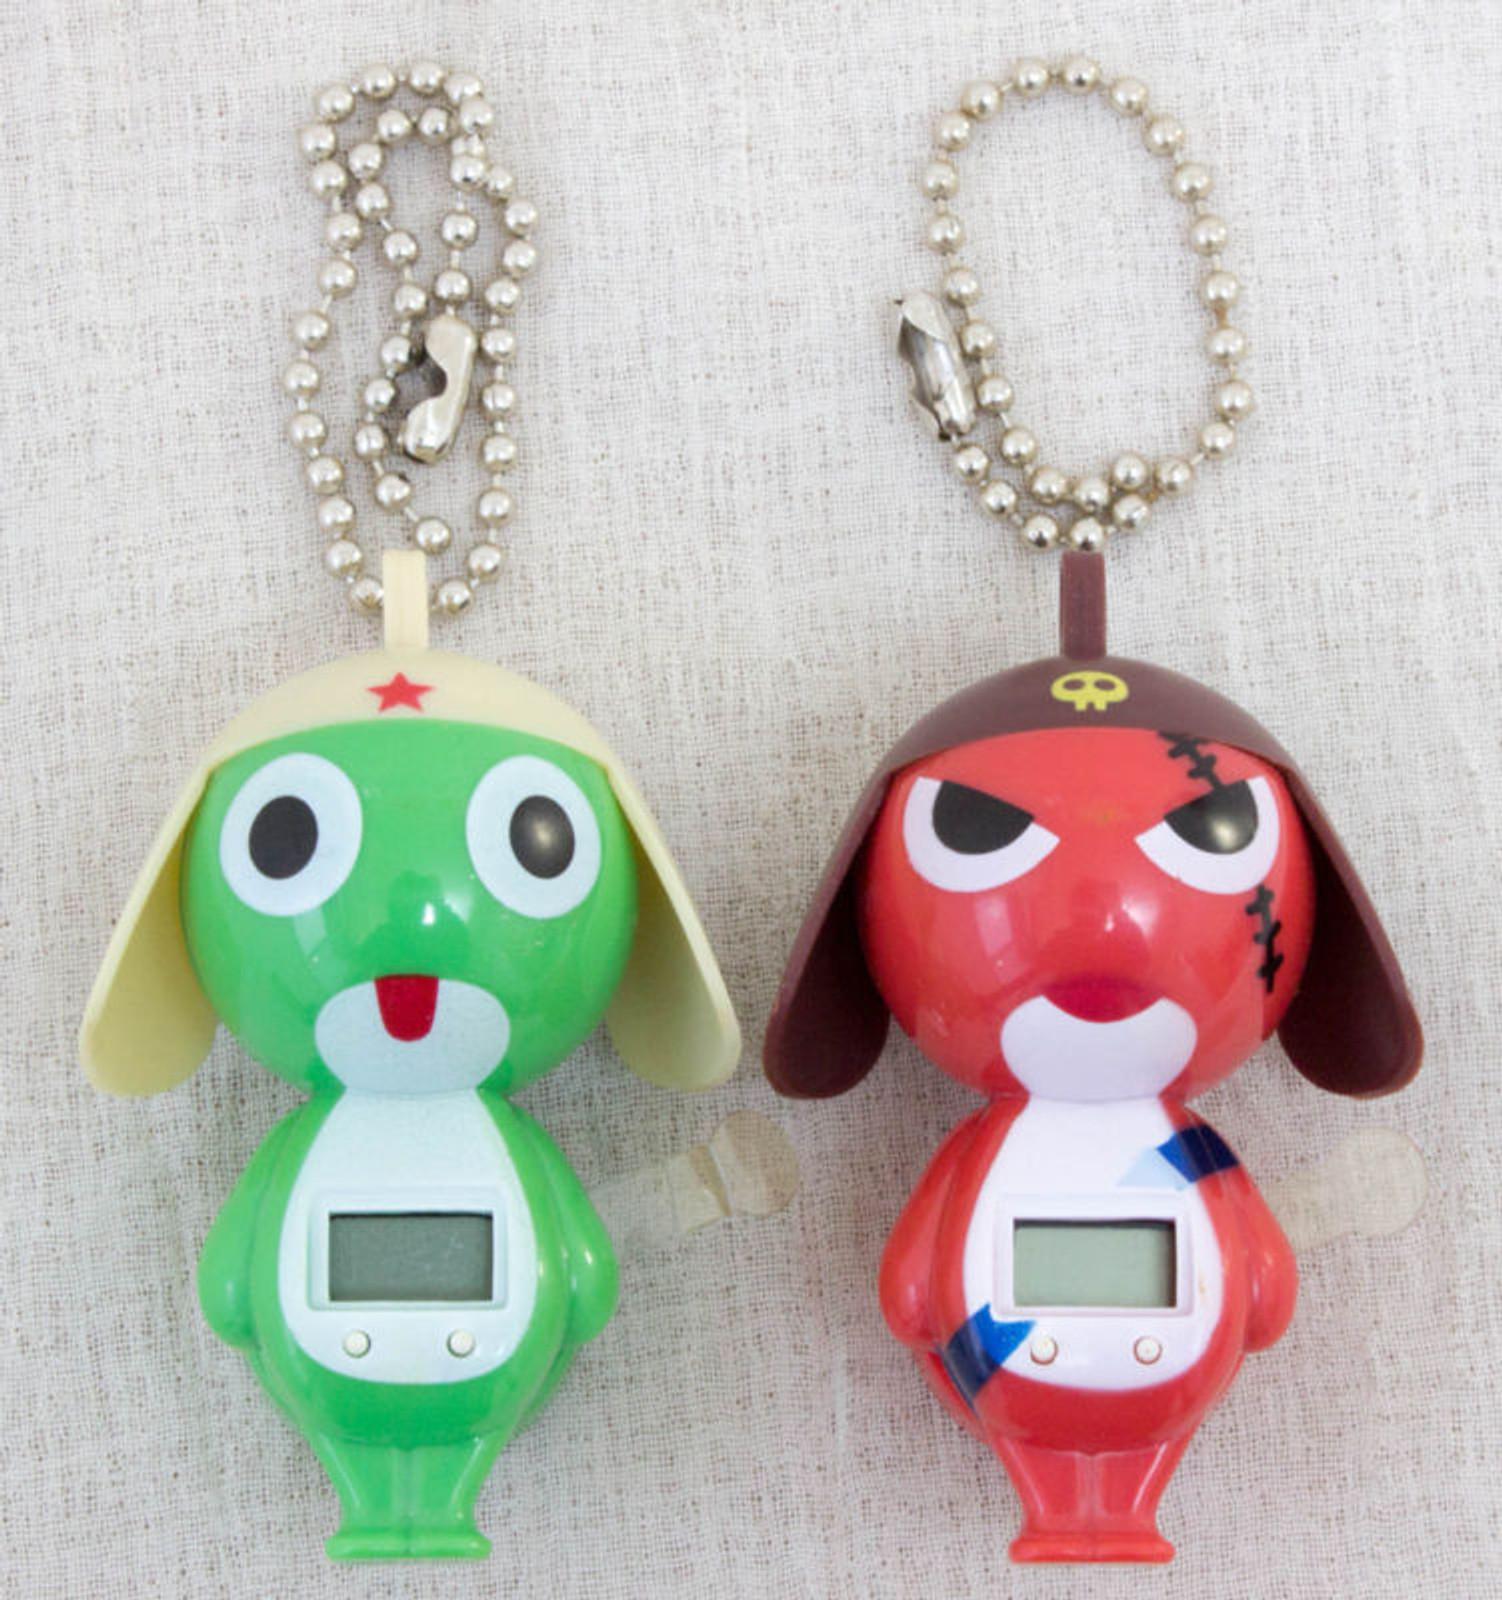 Keroro Gunso Keroro & Geroro Figure type Watch w/ Ball chains JAPAN ANIME MANGA